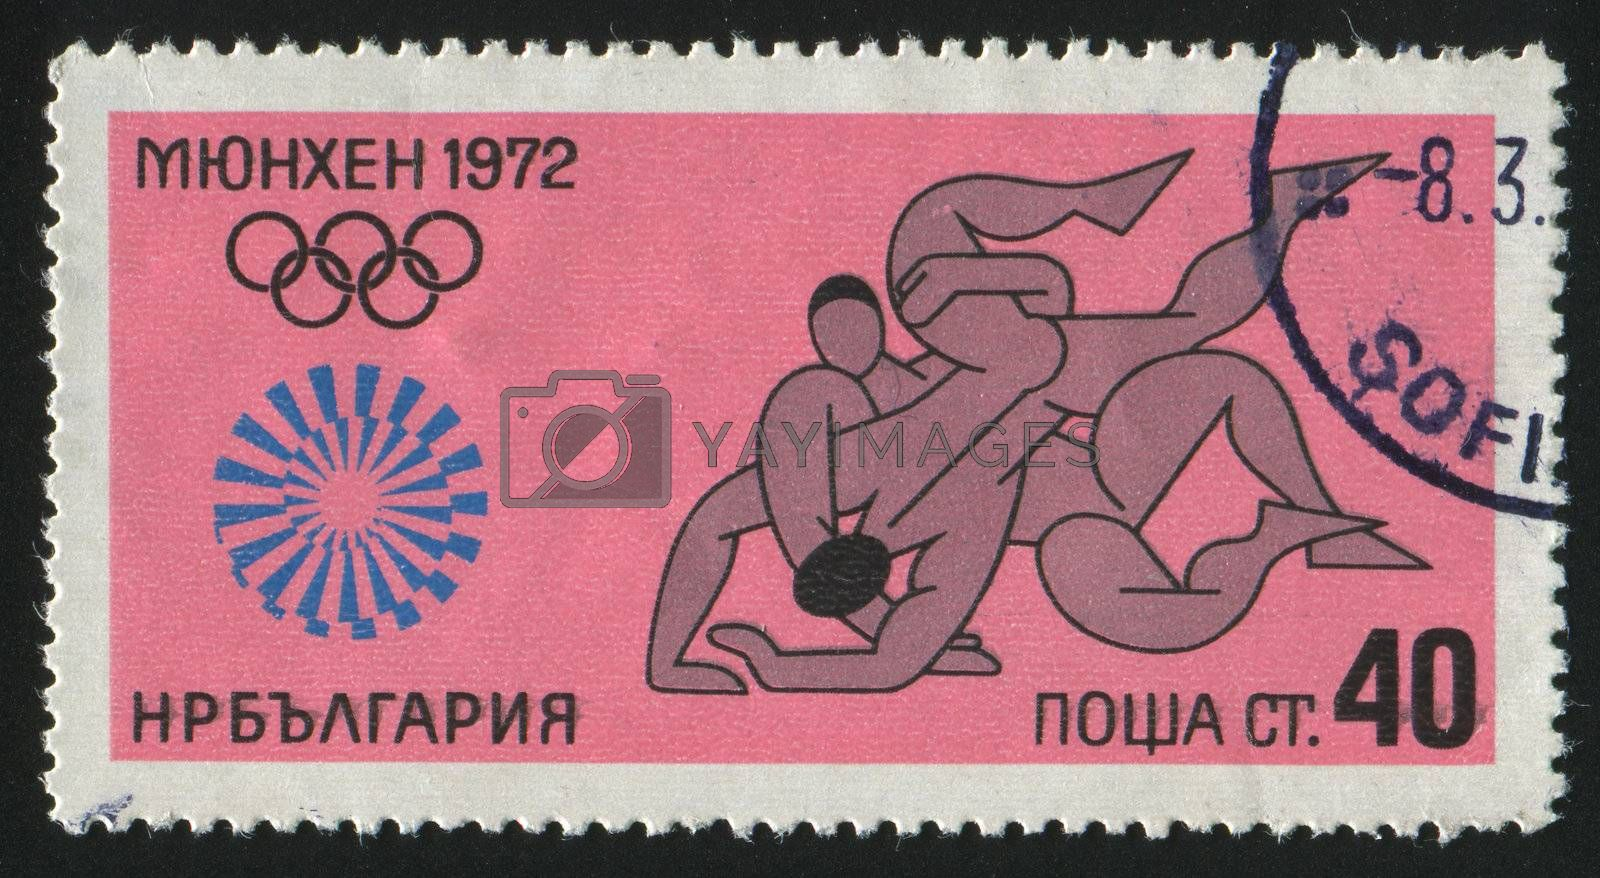 BULGARIA - CIRCA 1972: stamp printed by Bulgaria, shows wrestler, circa 1972.